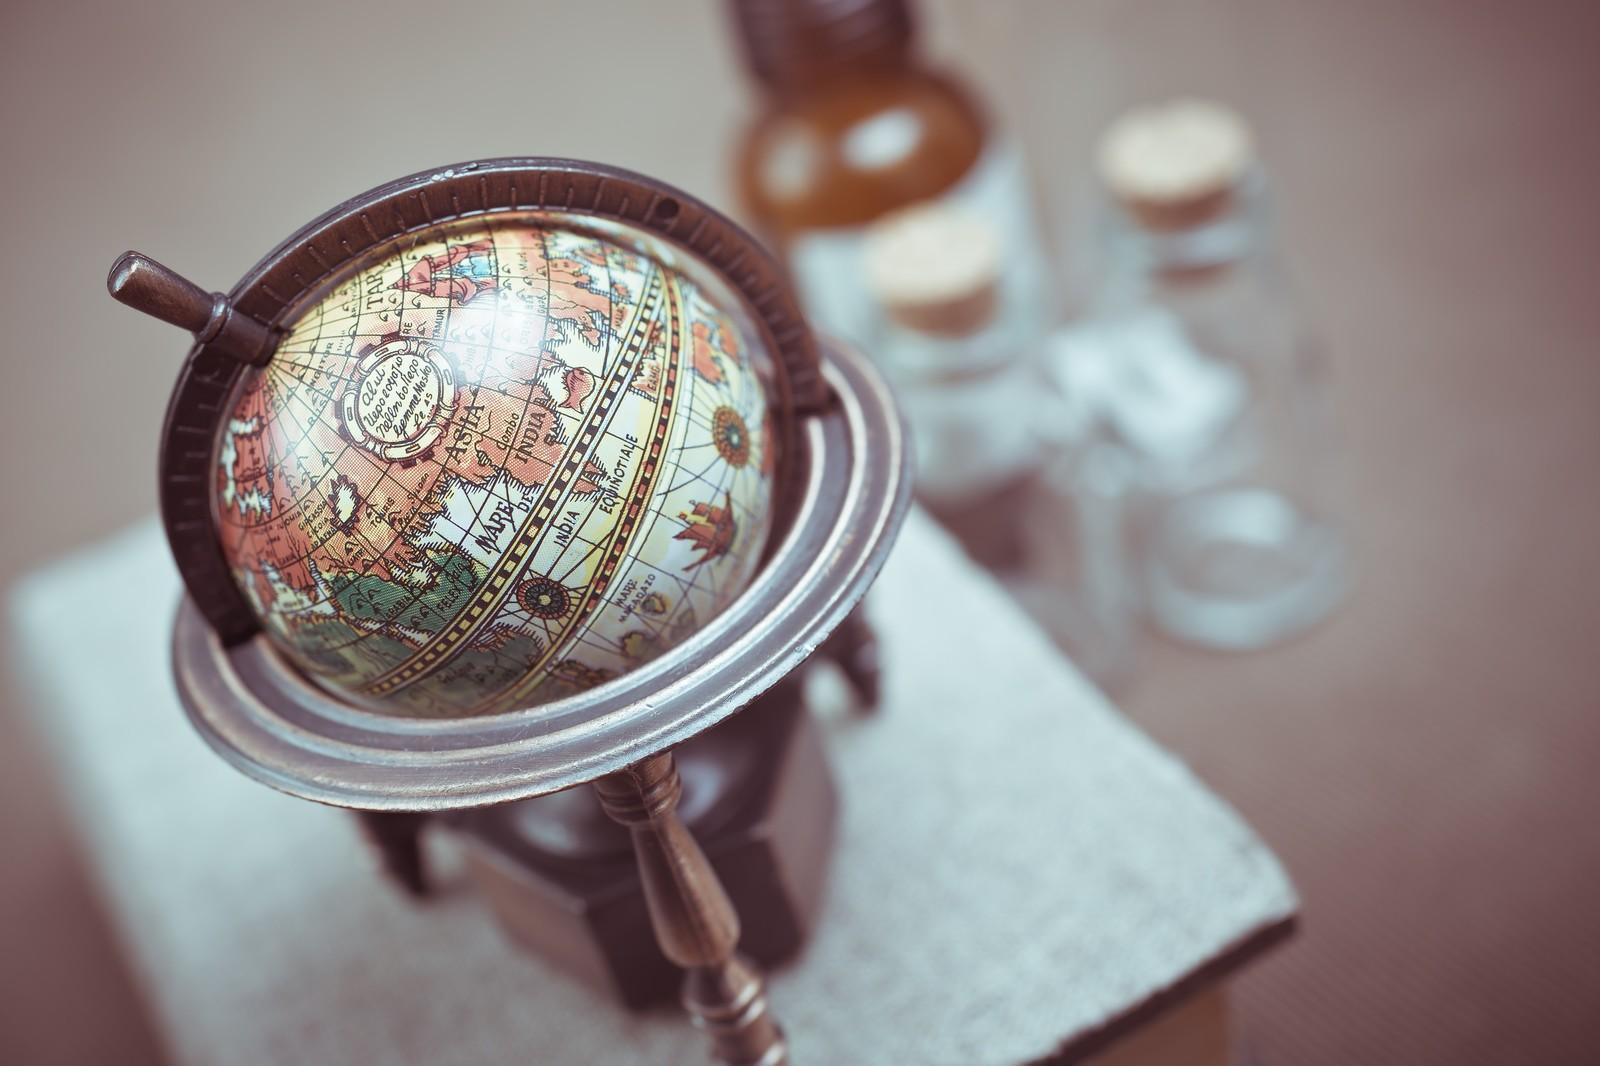 トータル・ワールド・ストックETFをイメージした地球儀